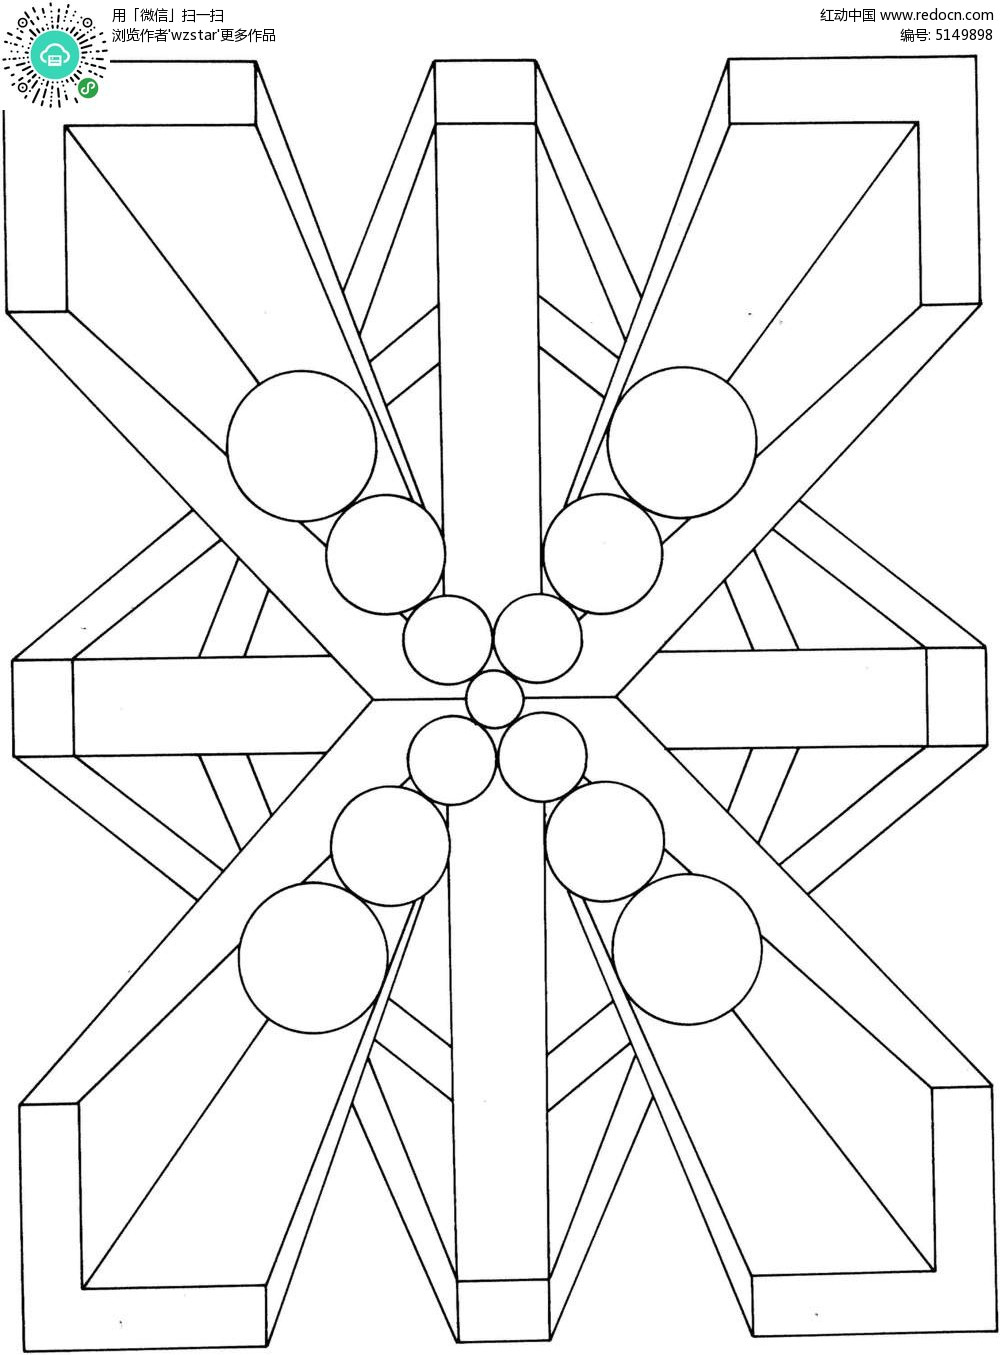 圆形凹槽立体图形 线条立体花纹 立体空间图形 设计素材 立体构成图 t